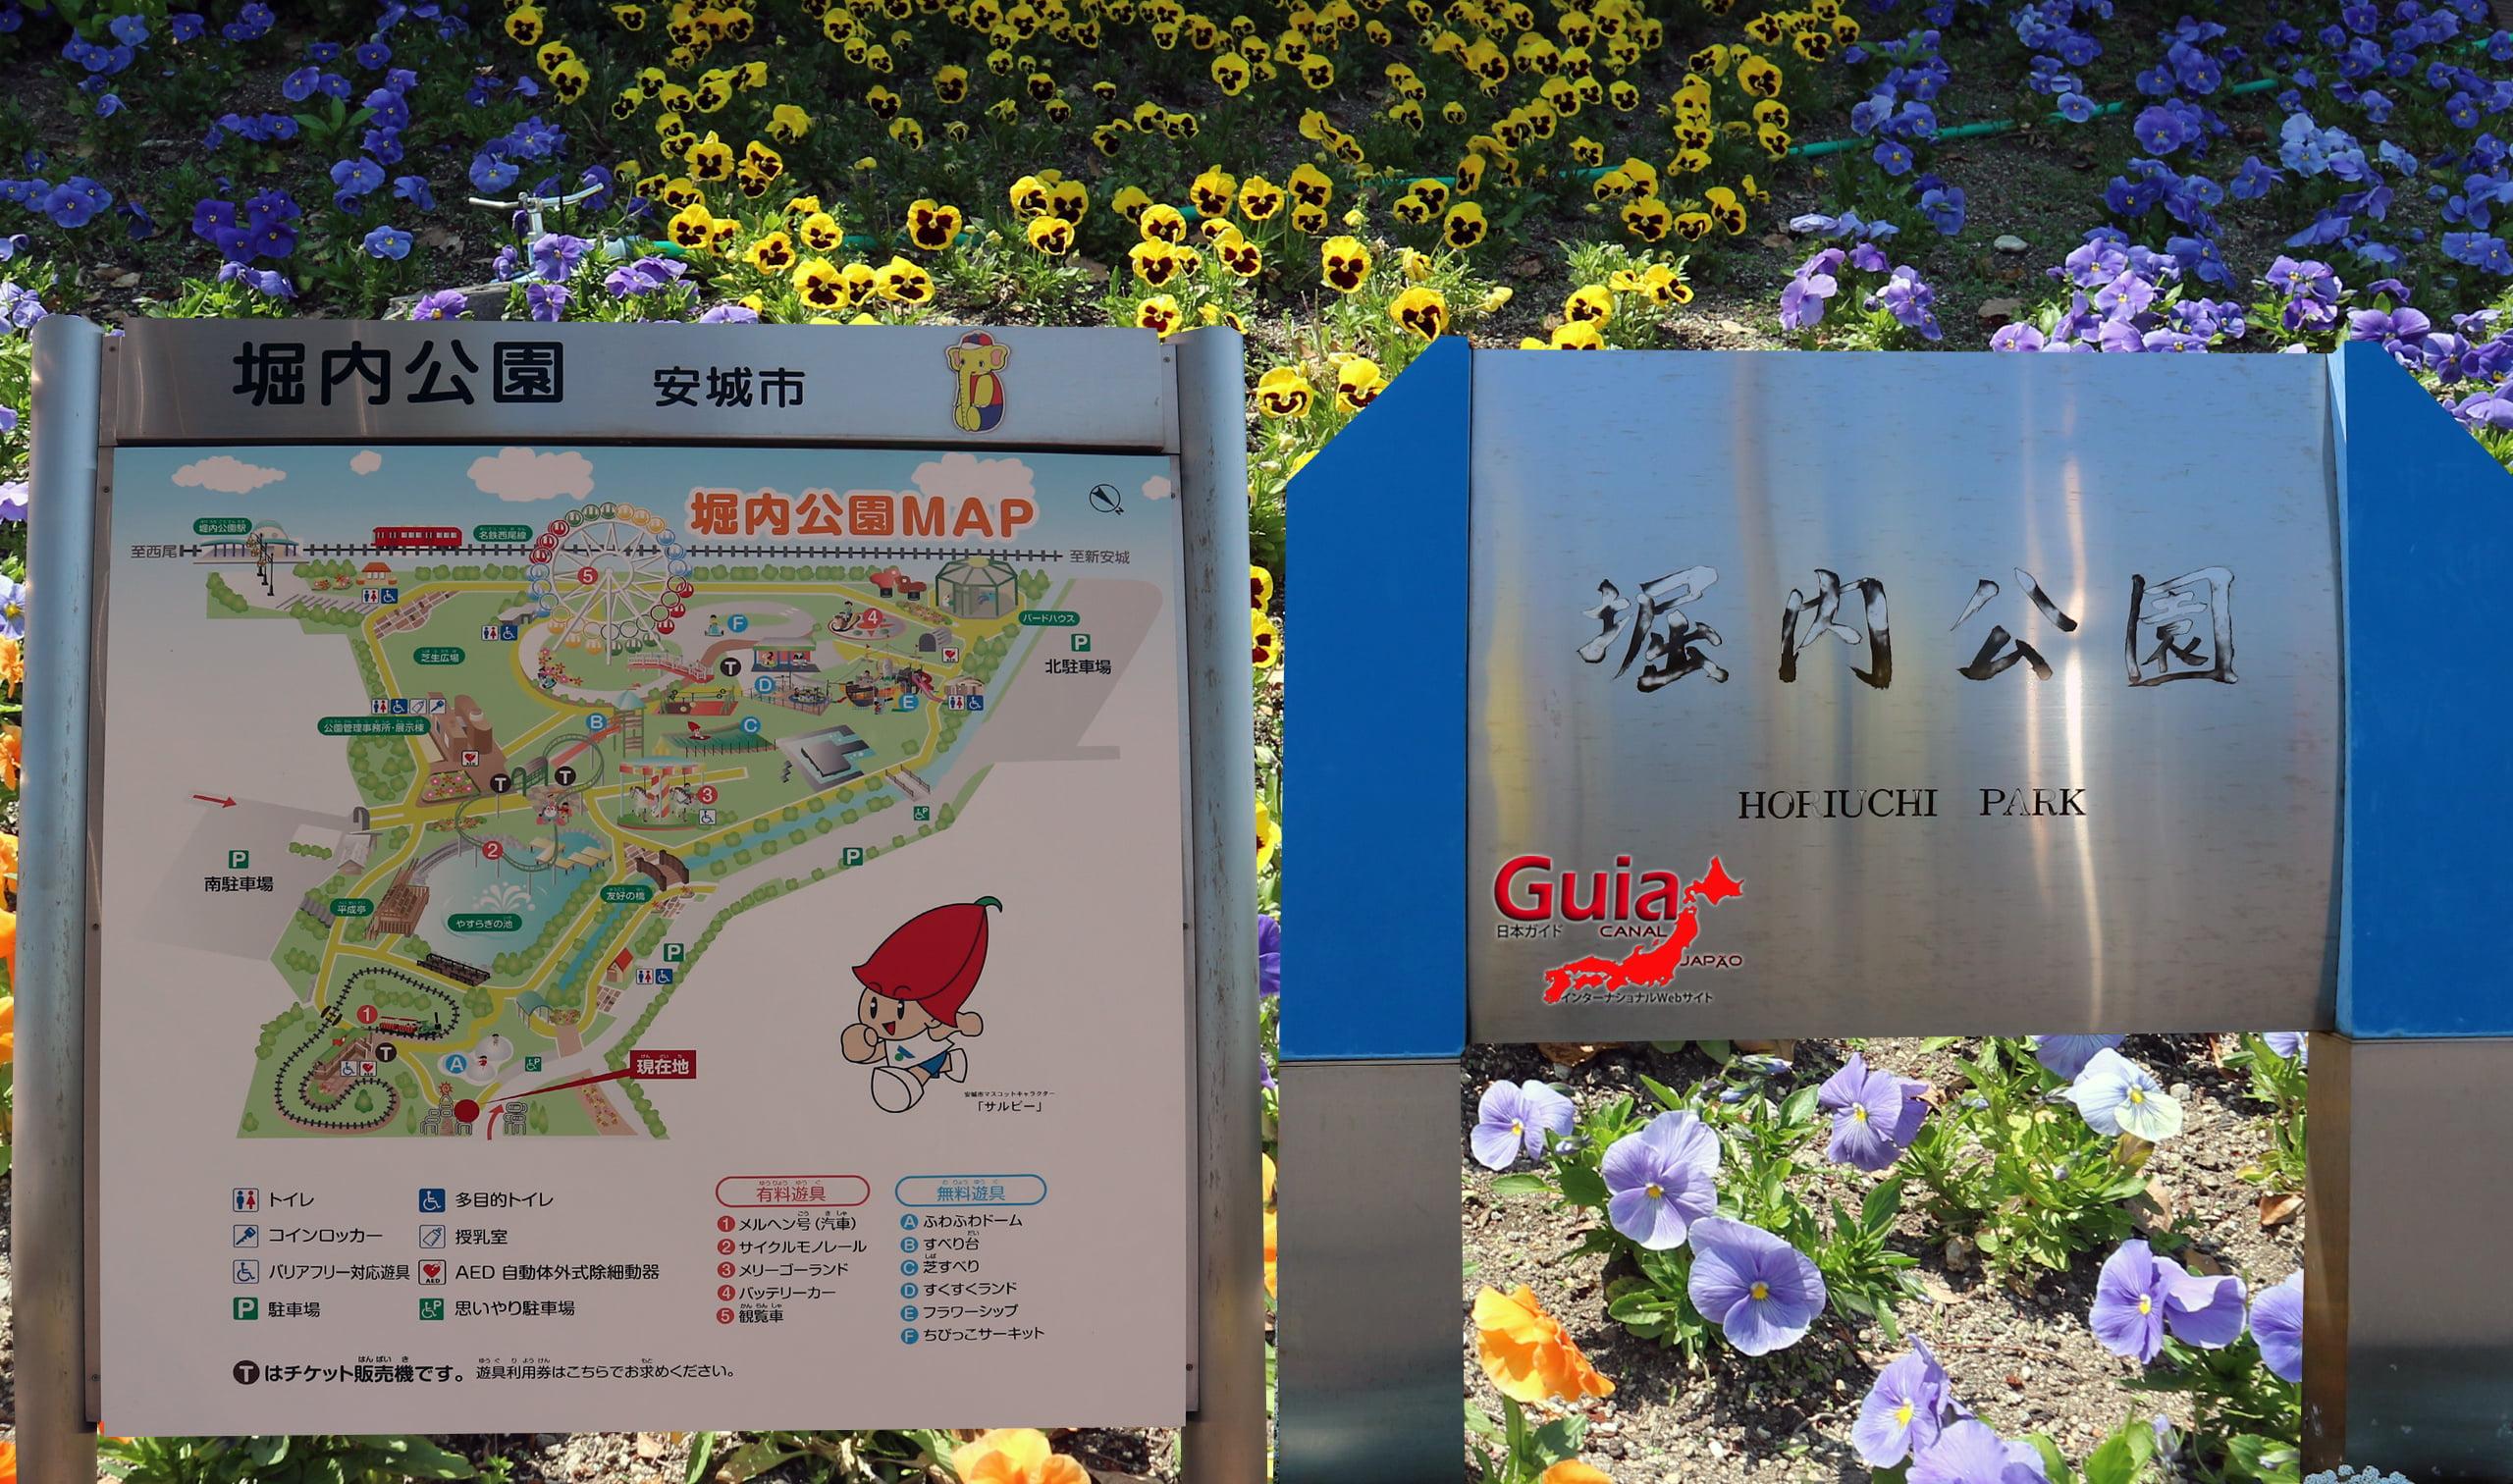 Horiuchi Park - Angel 3